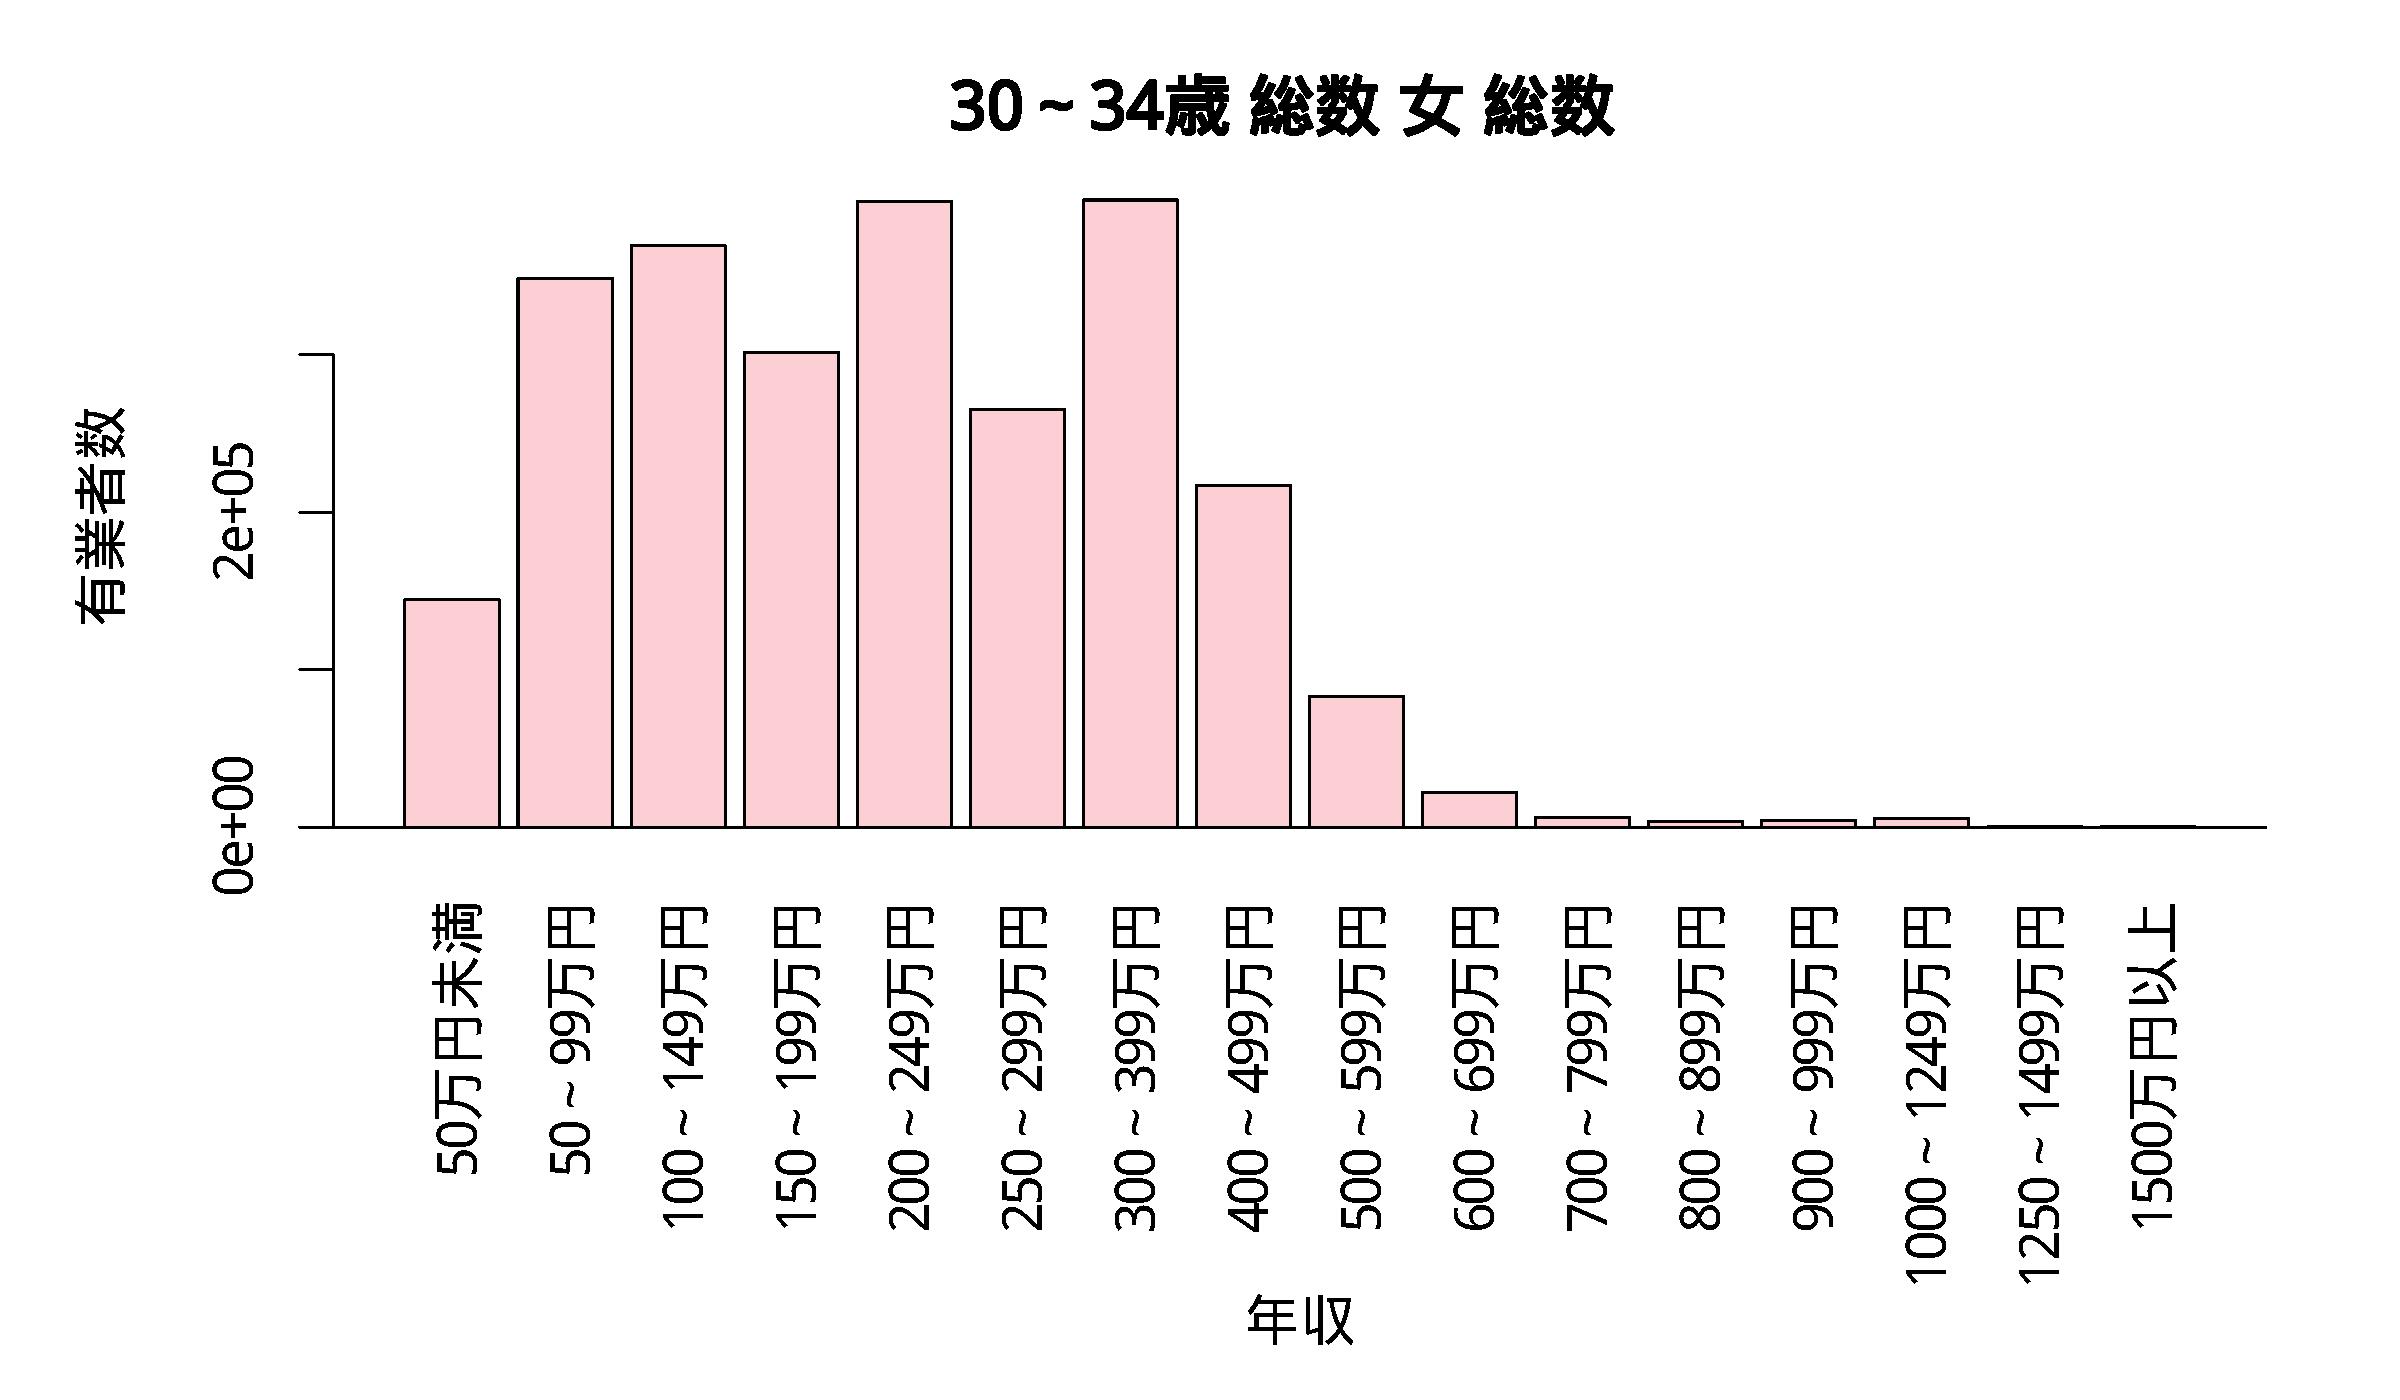 年収分布 30~34歳 総数 女 総数